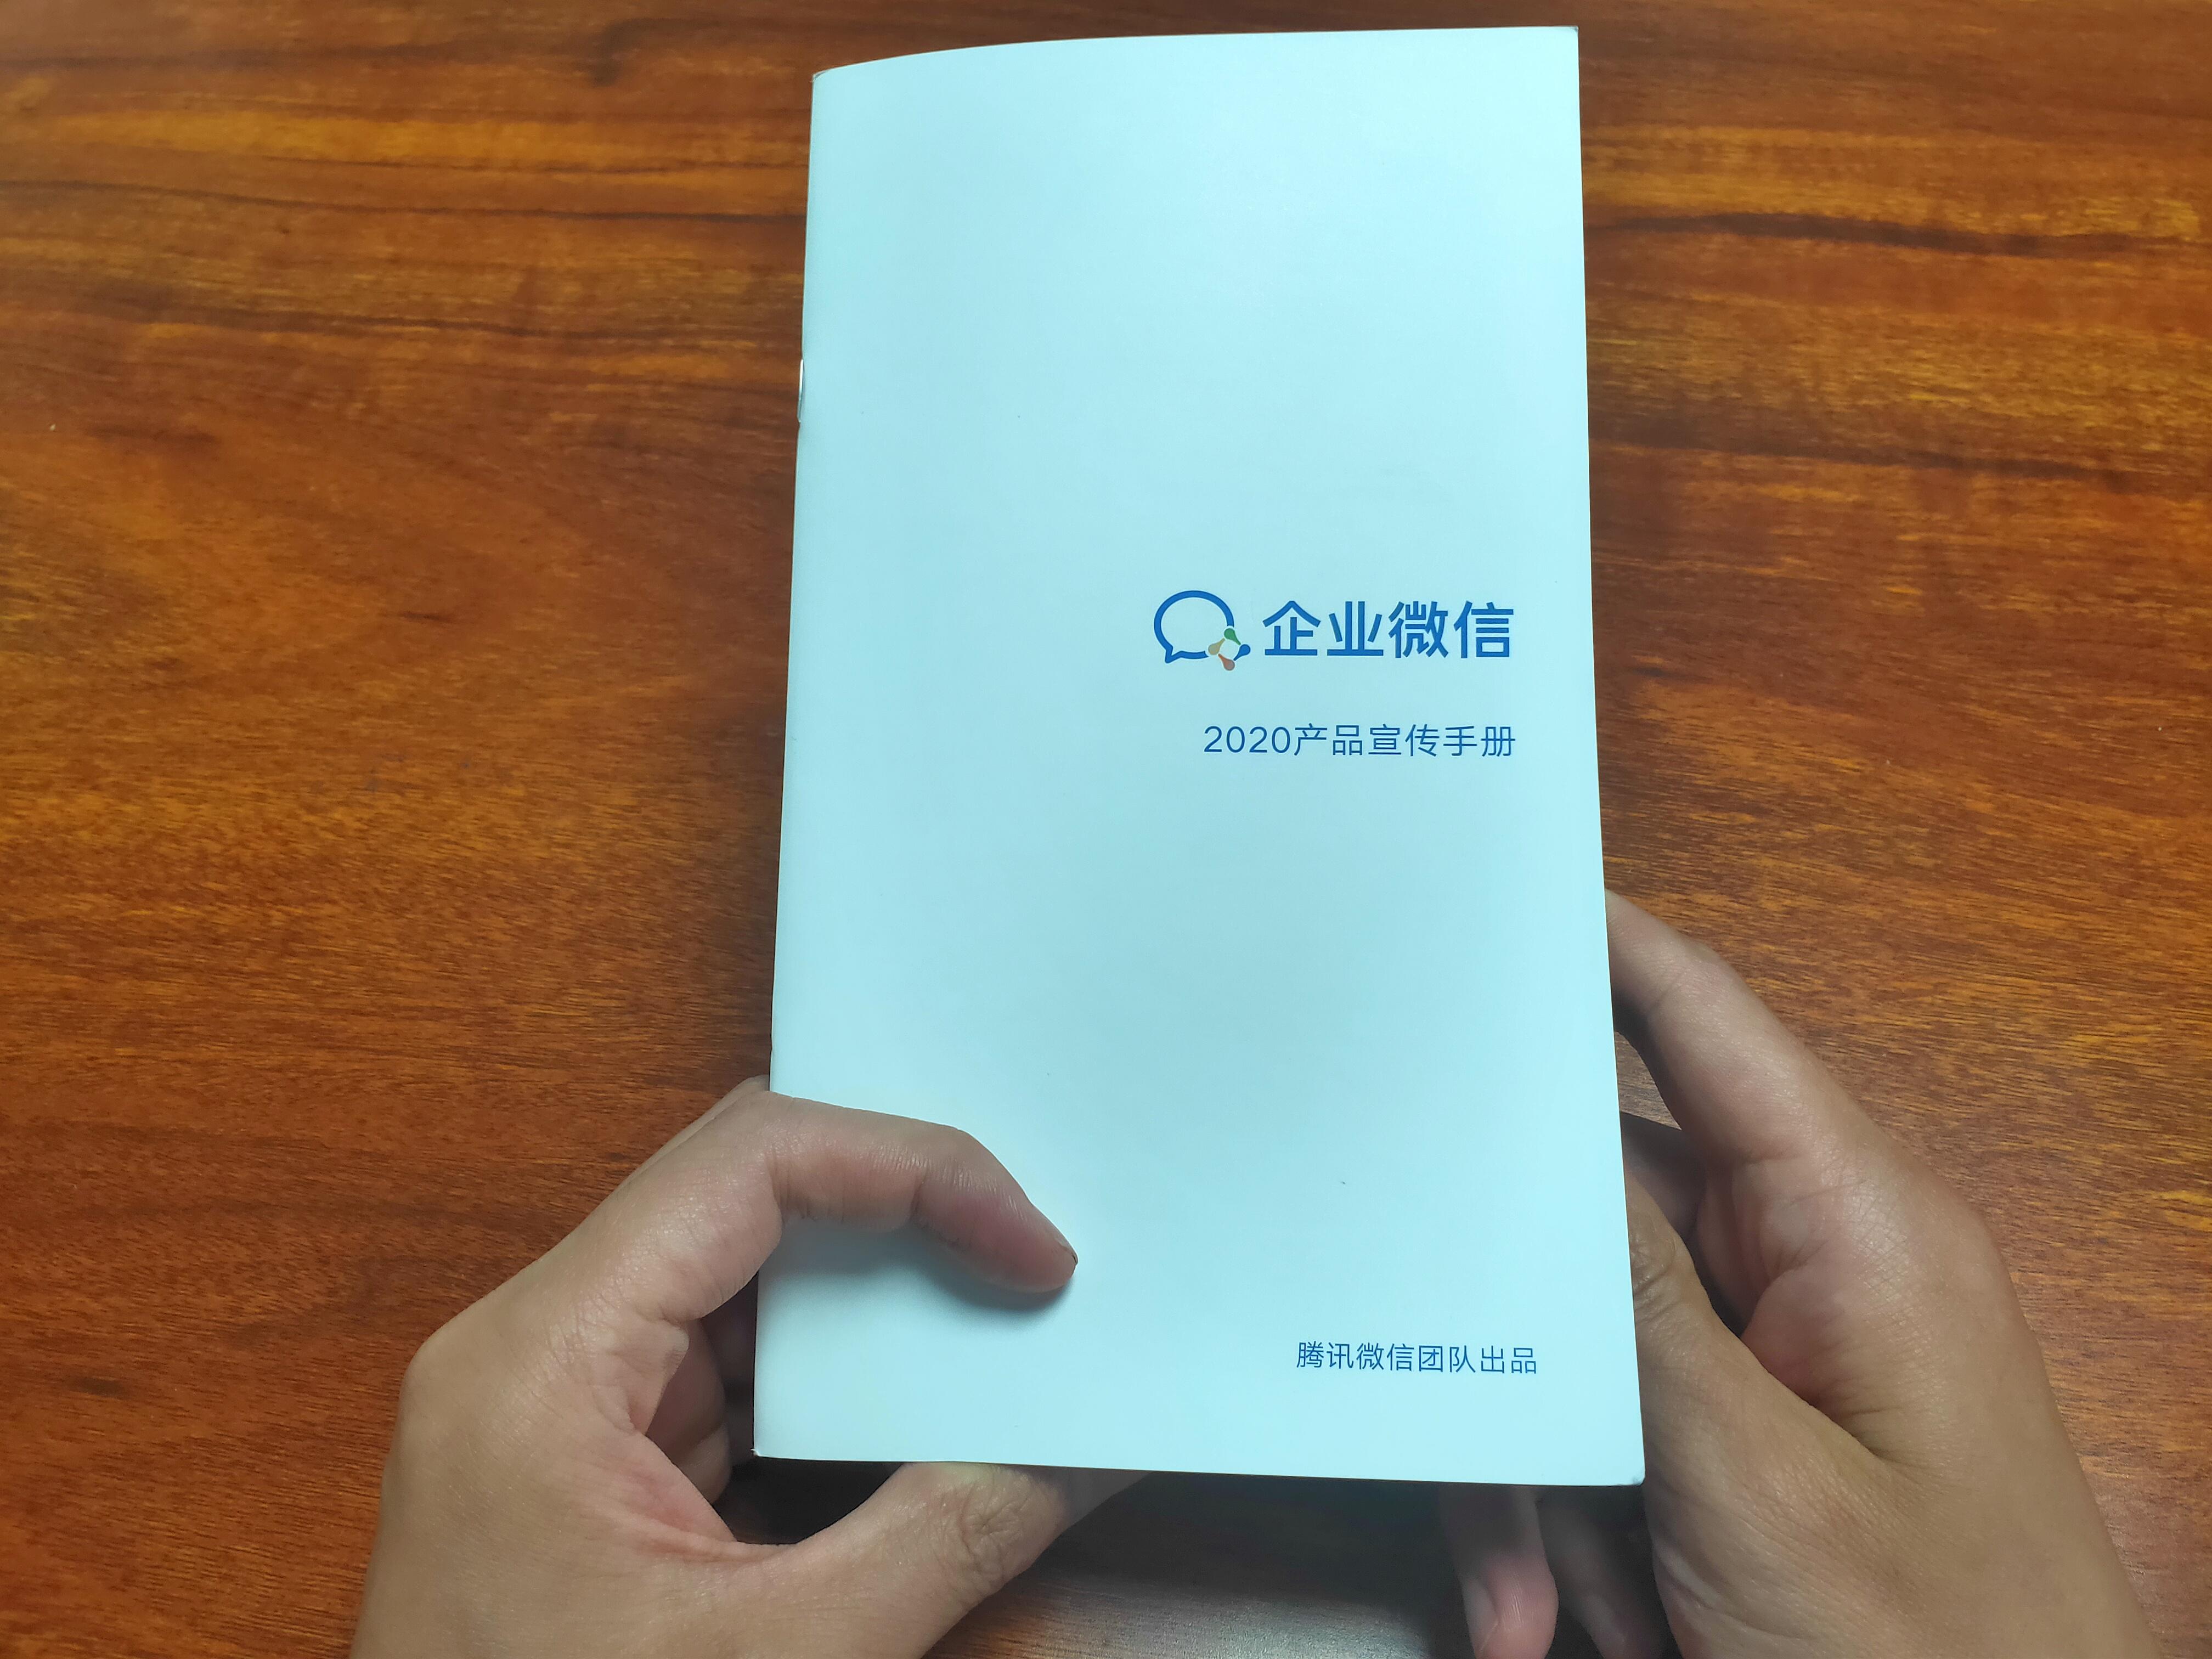 产品宣传手册.jpg